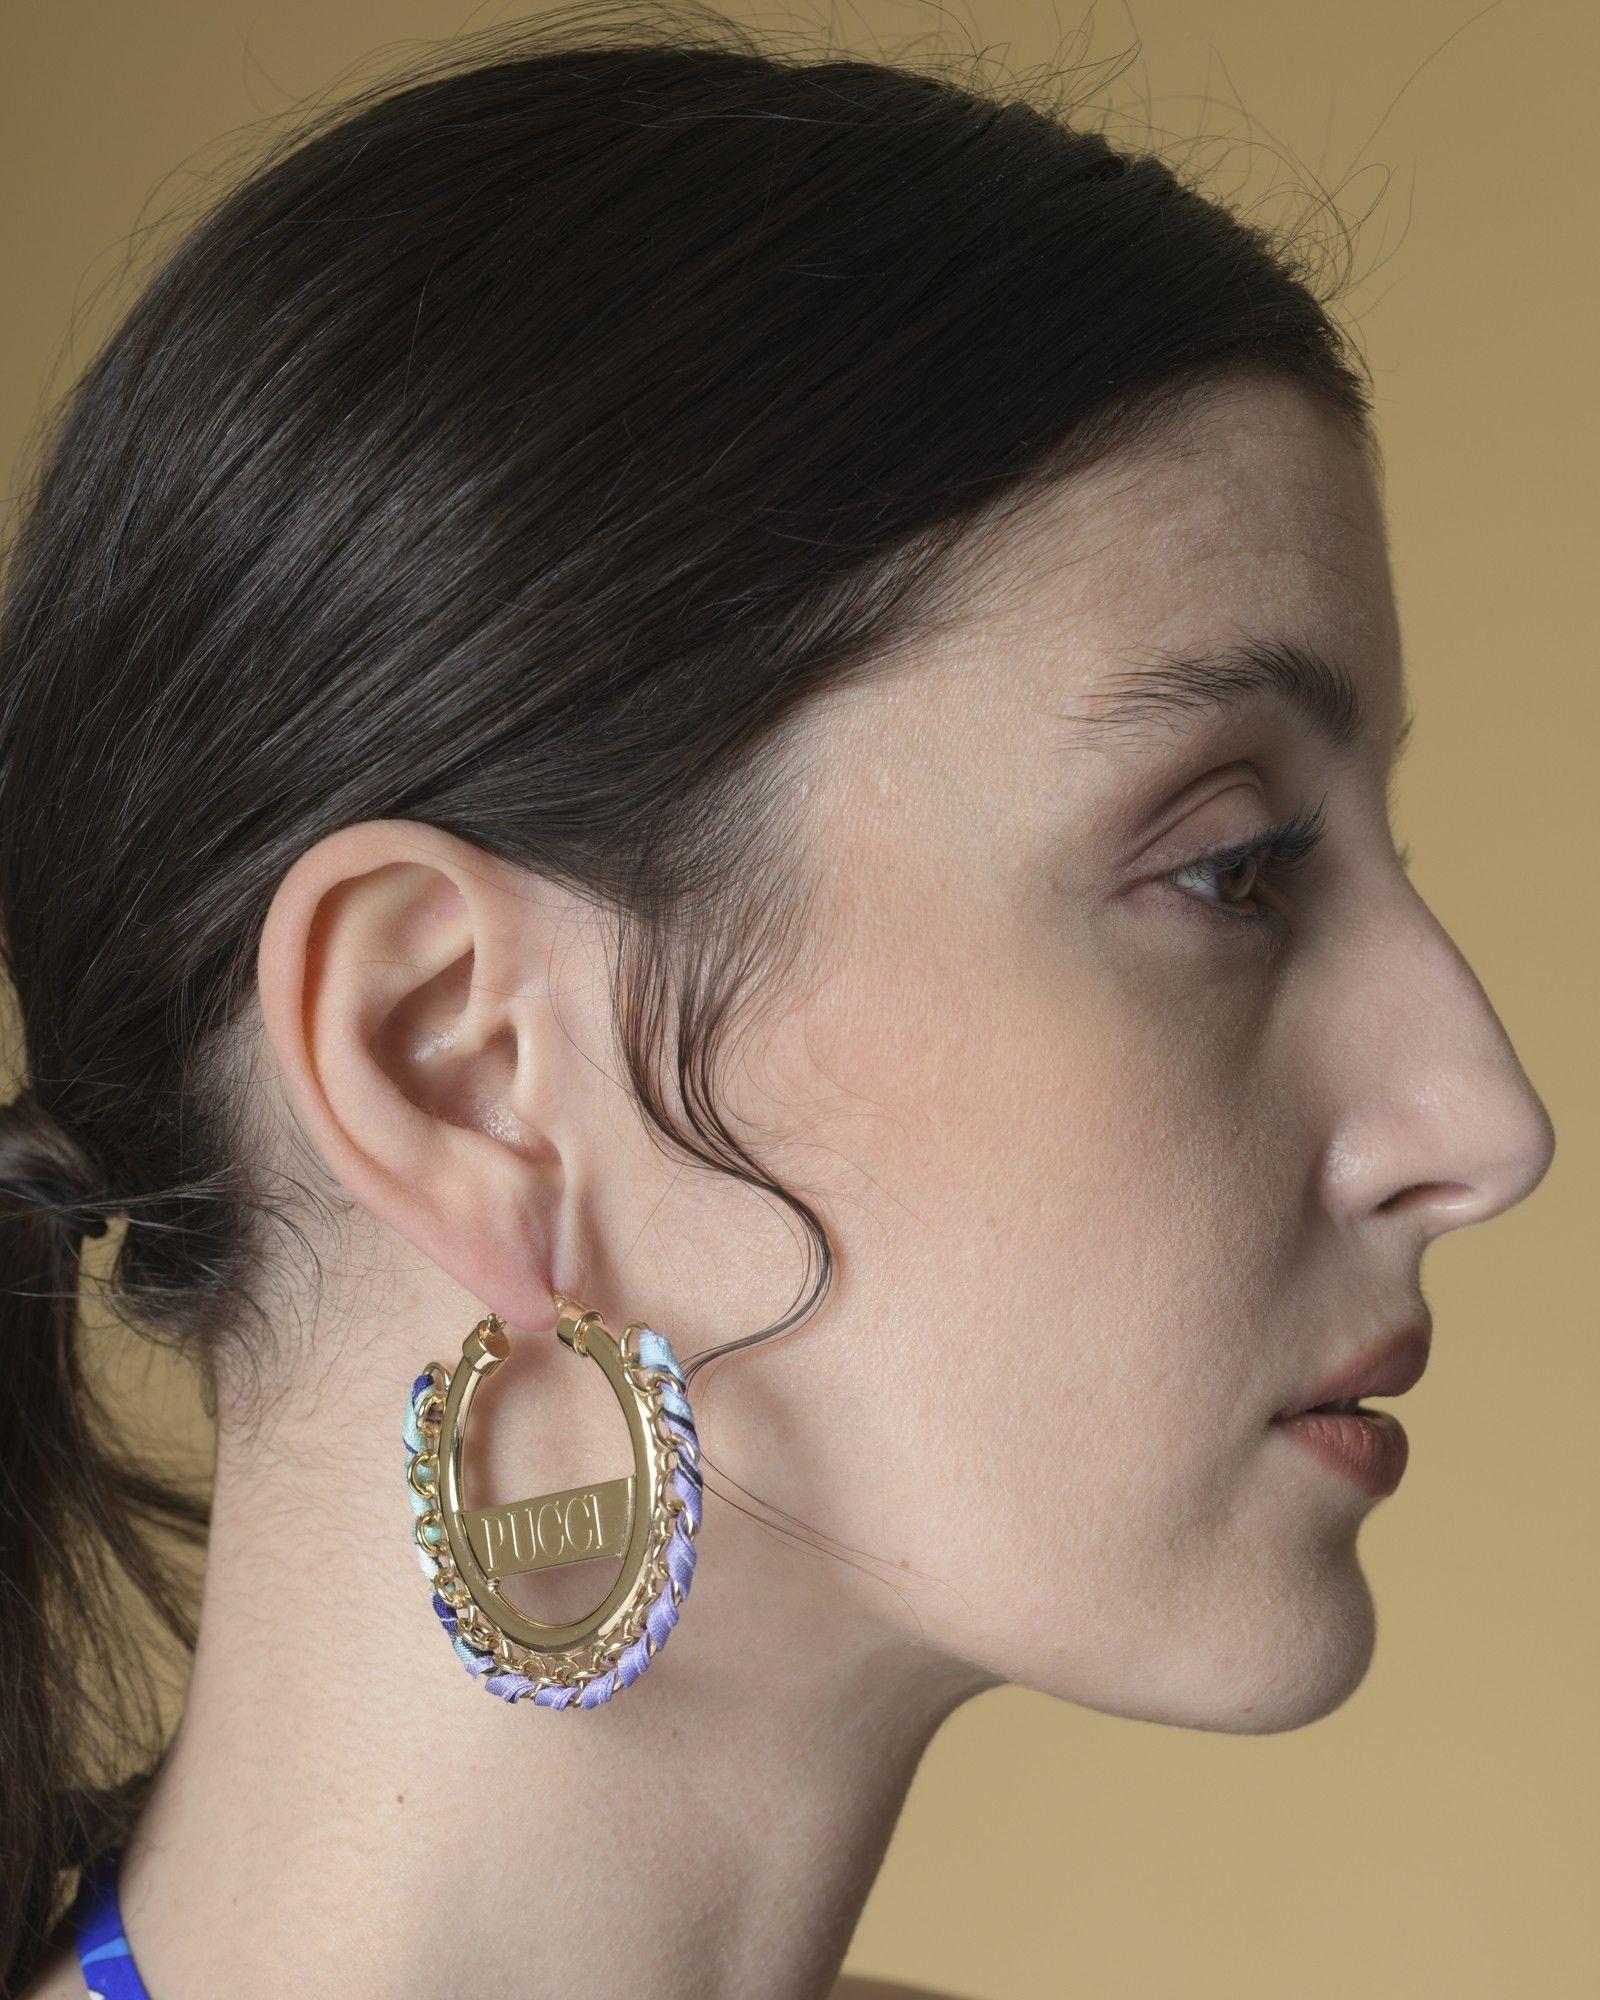 Boucles d'oreilles argentées ornées de tissu imprimé Emilio Pucci